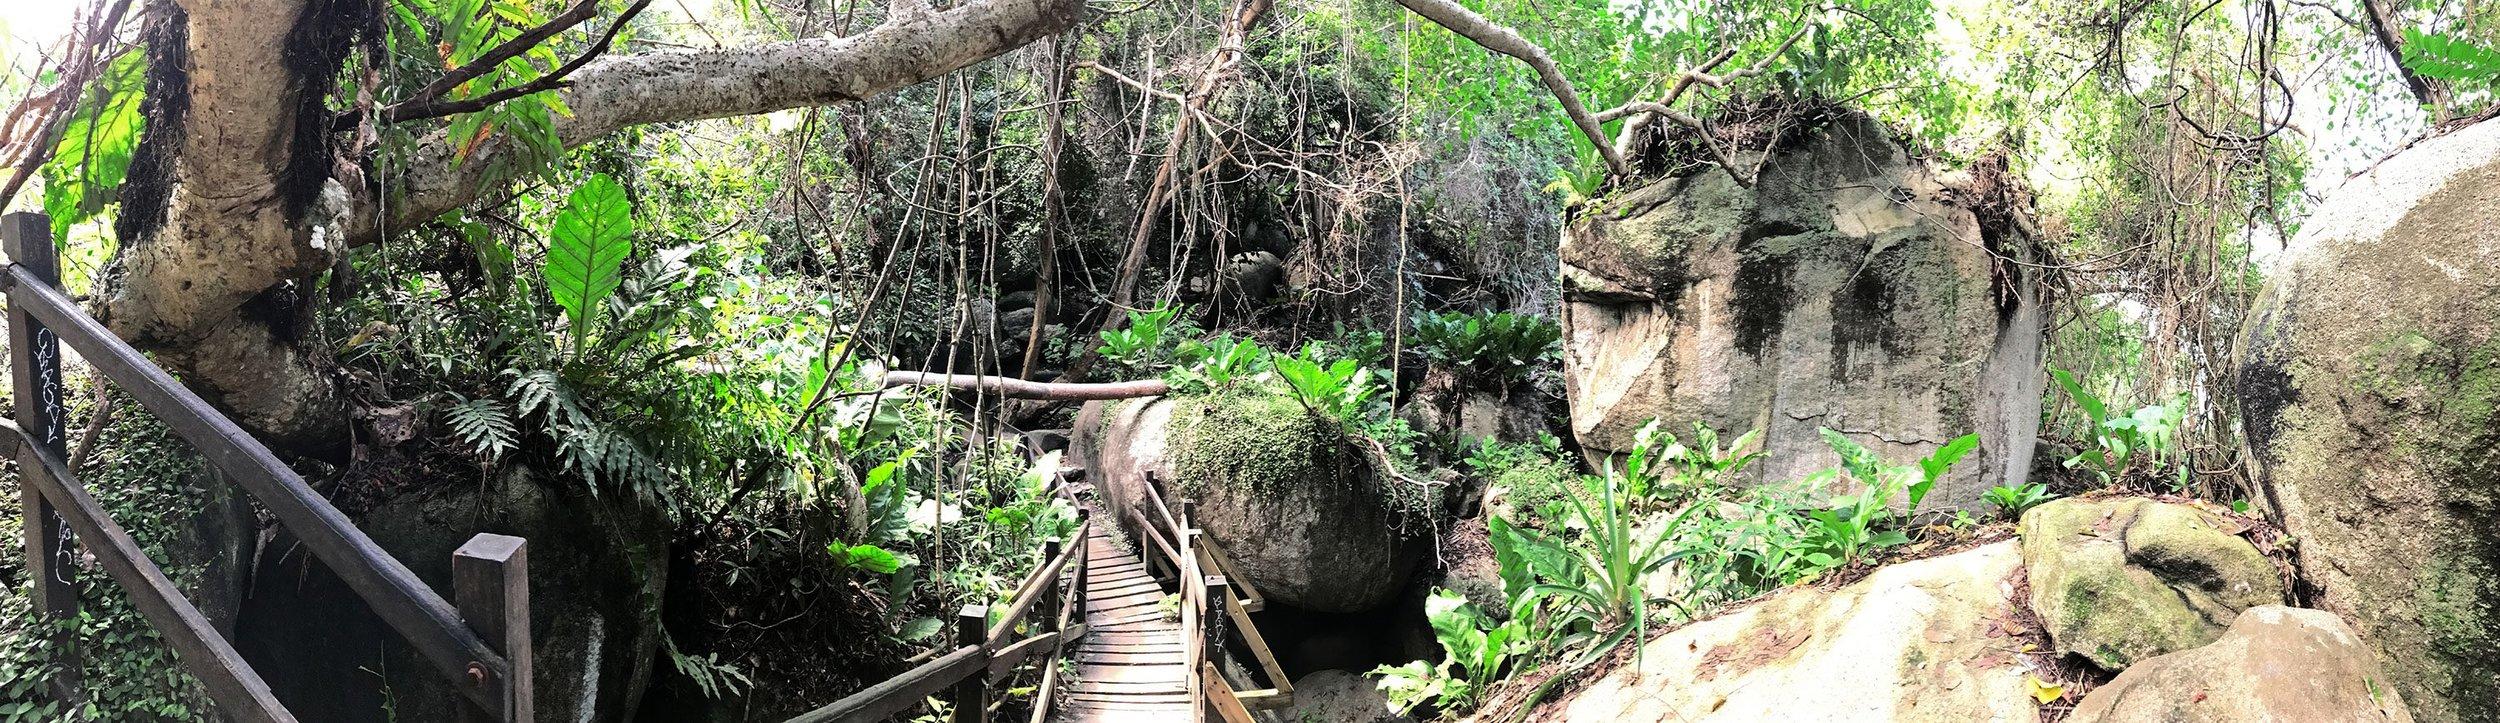 Tayrona-National-Park-Colombia-Indiana-Jones-jungle-pano.jpg